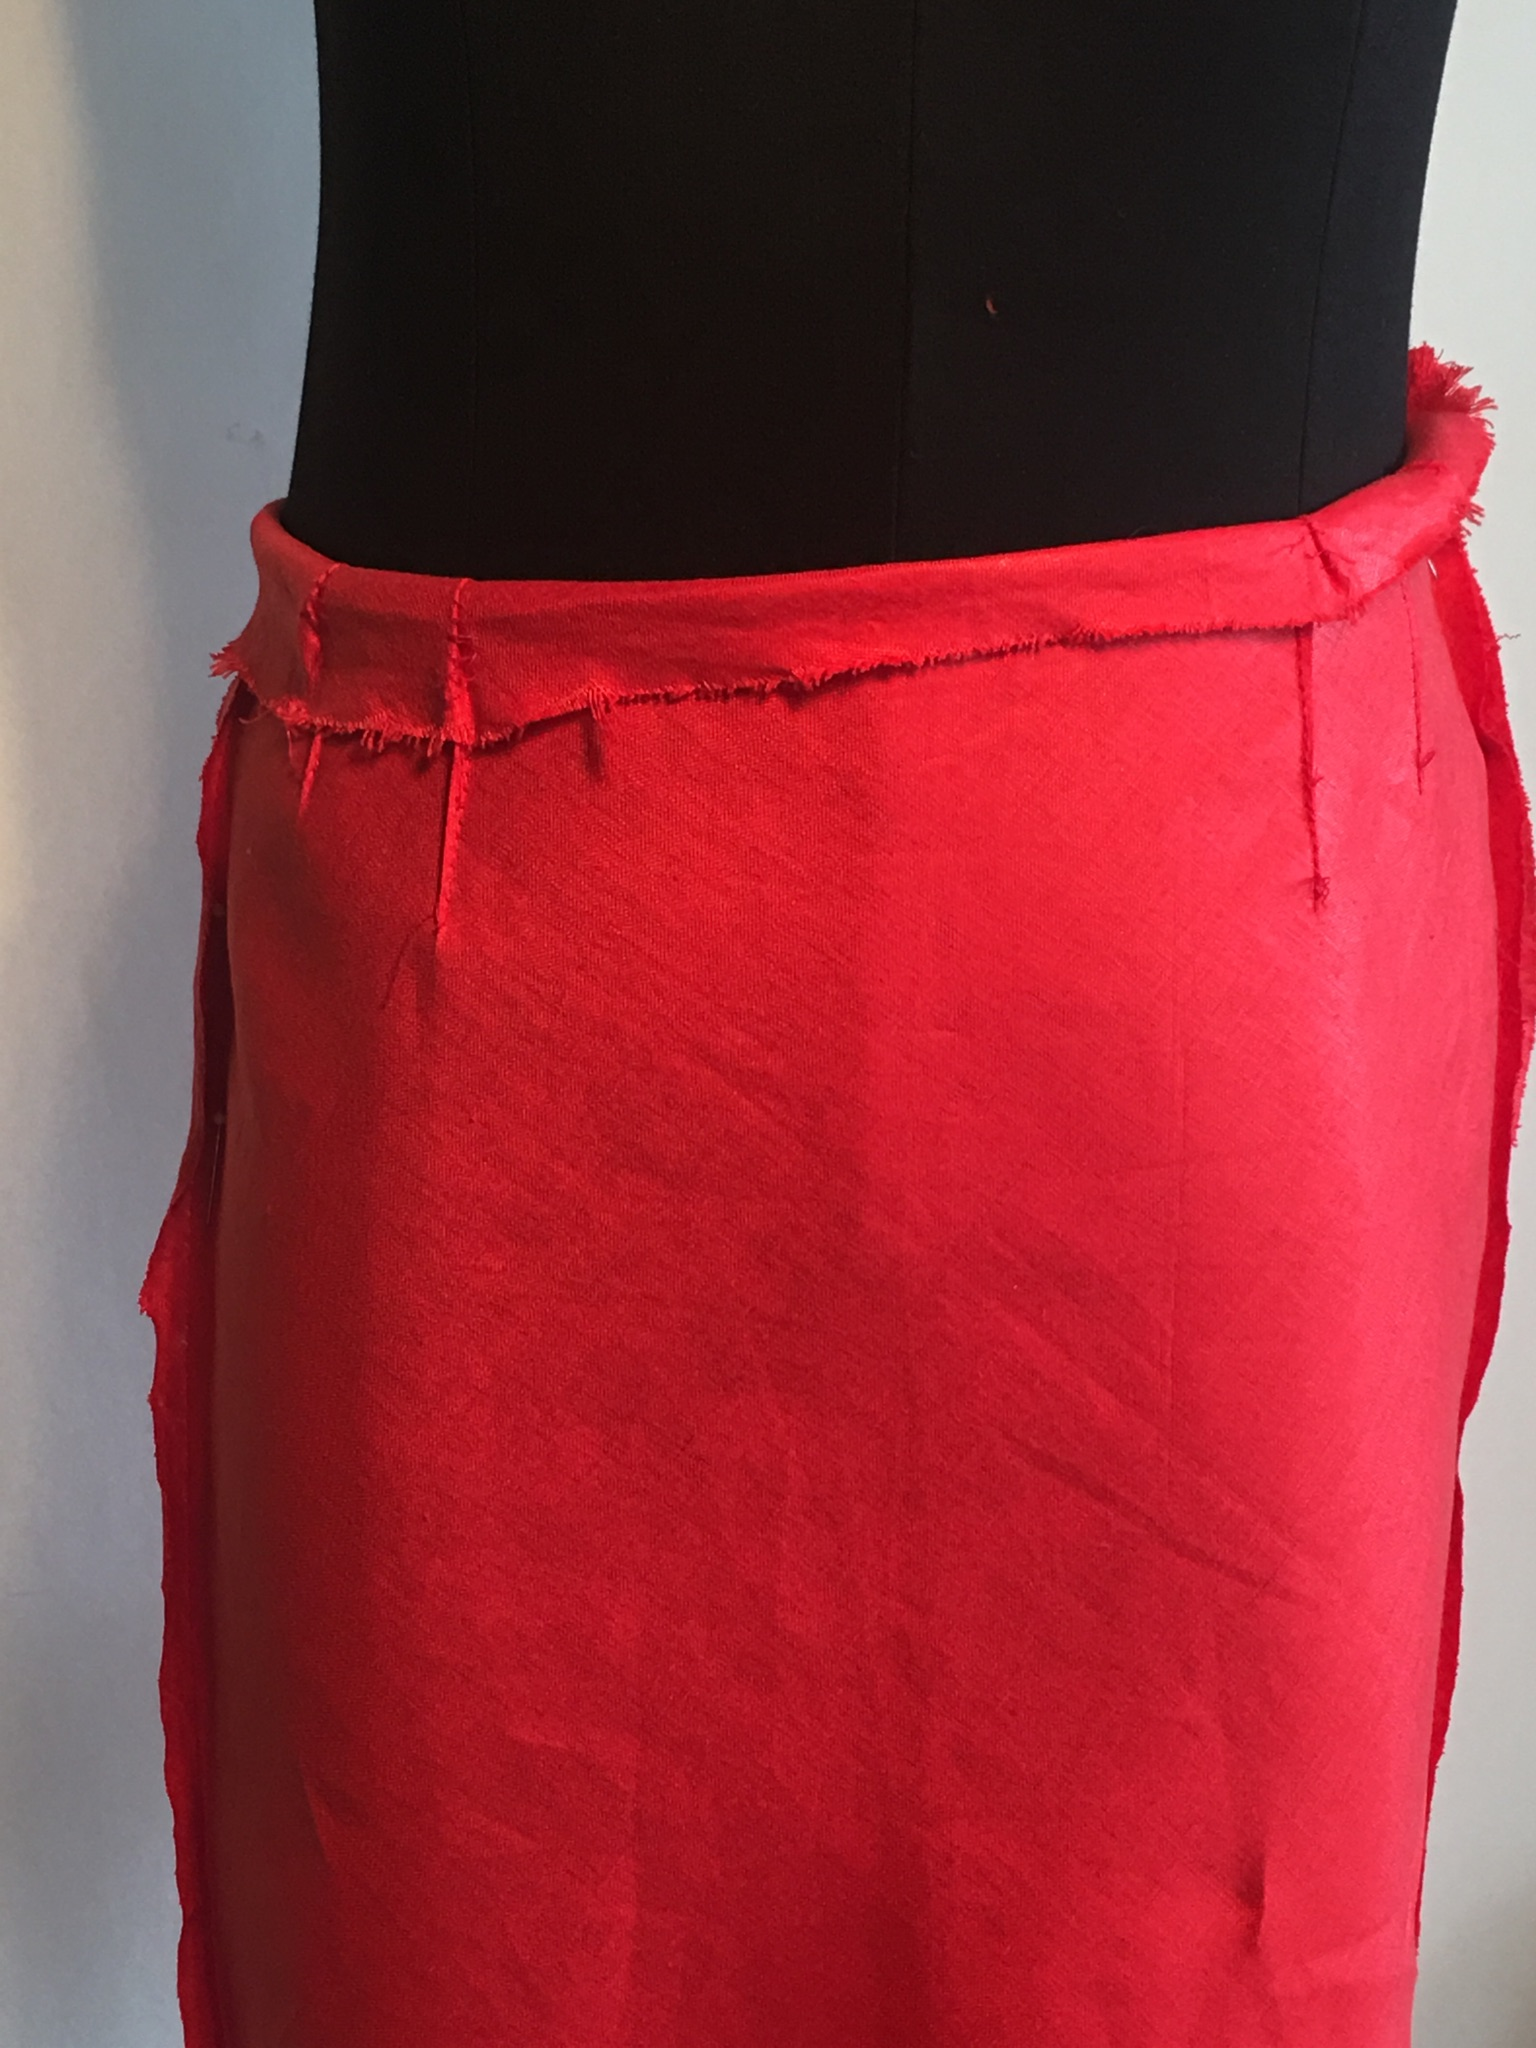 scoliosis red skirt 4.jpg